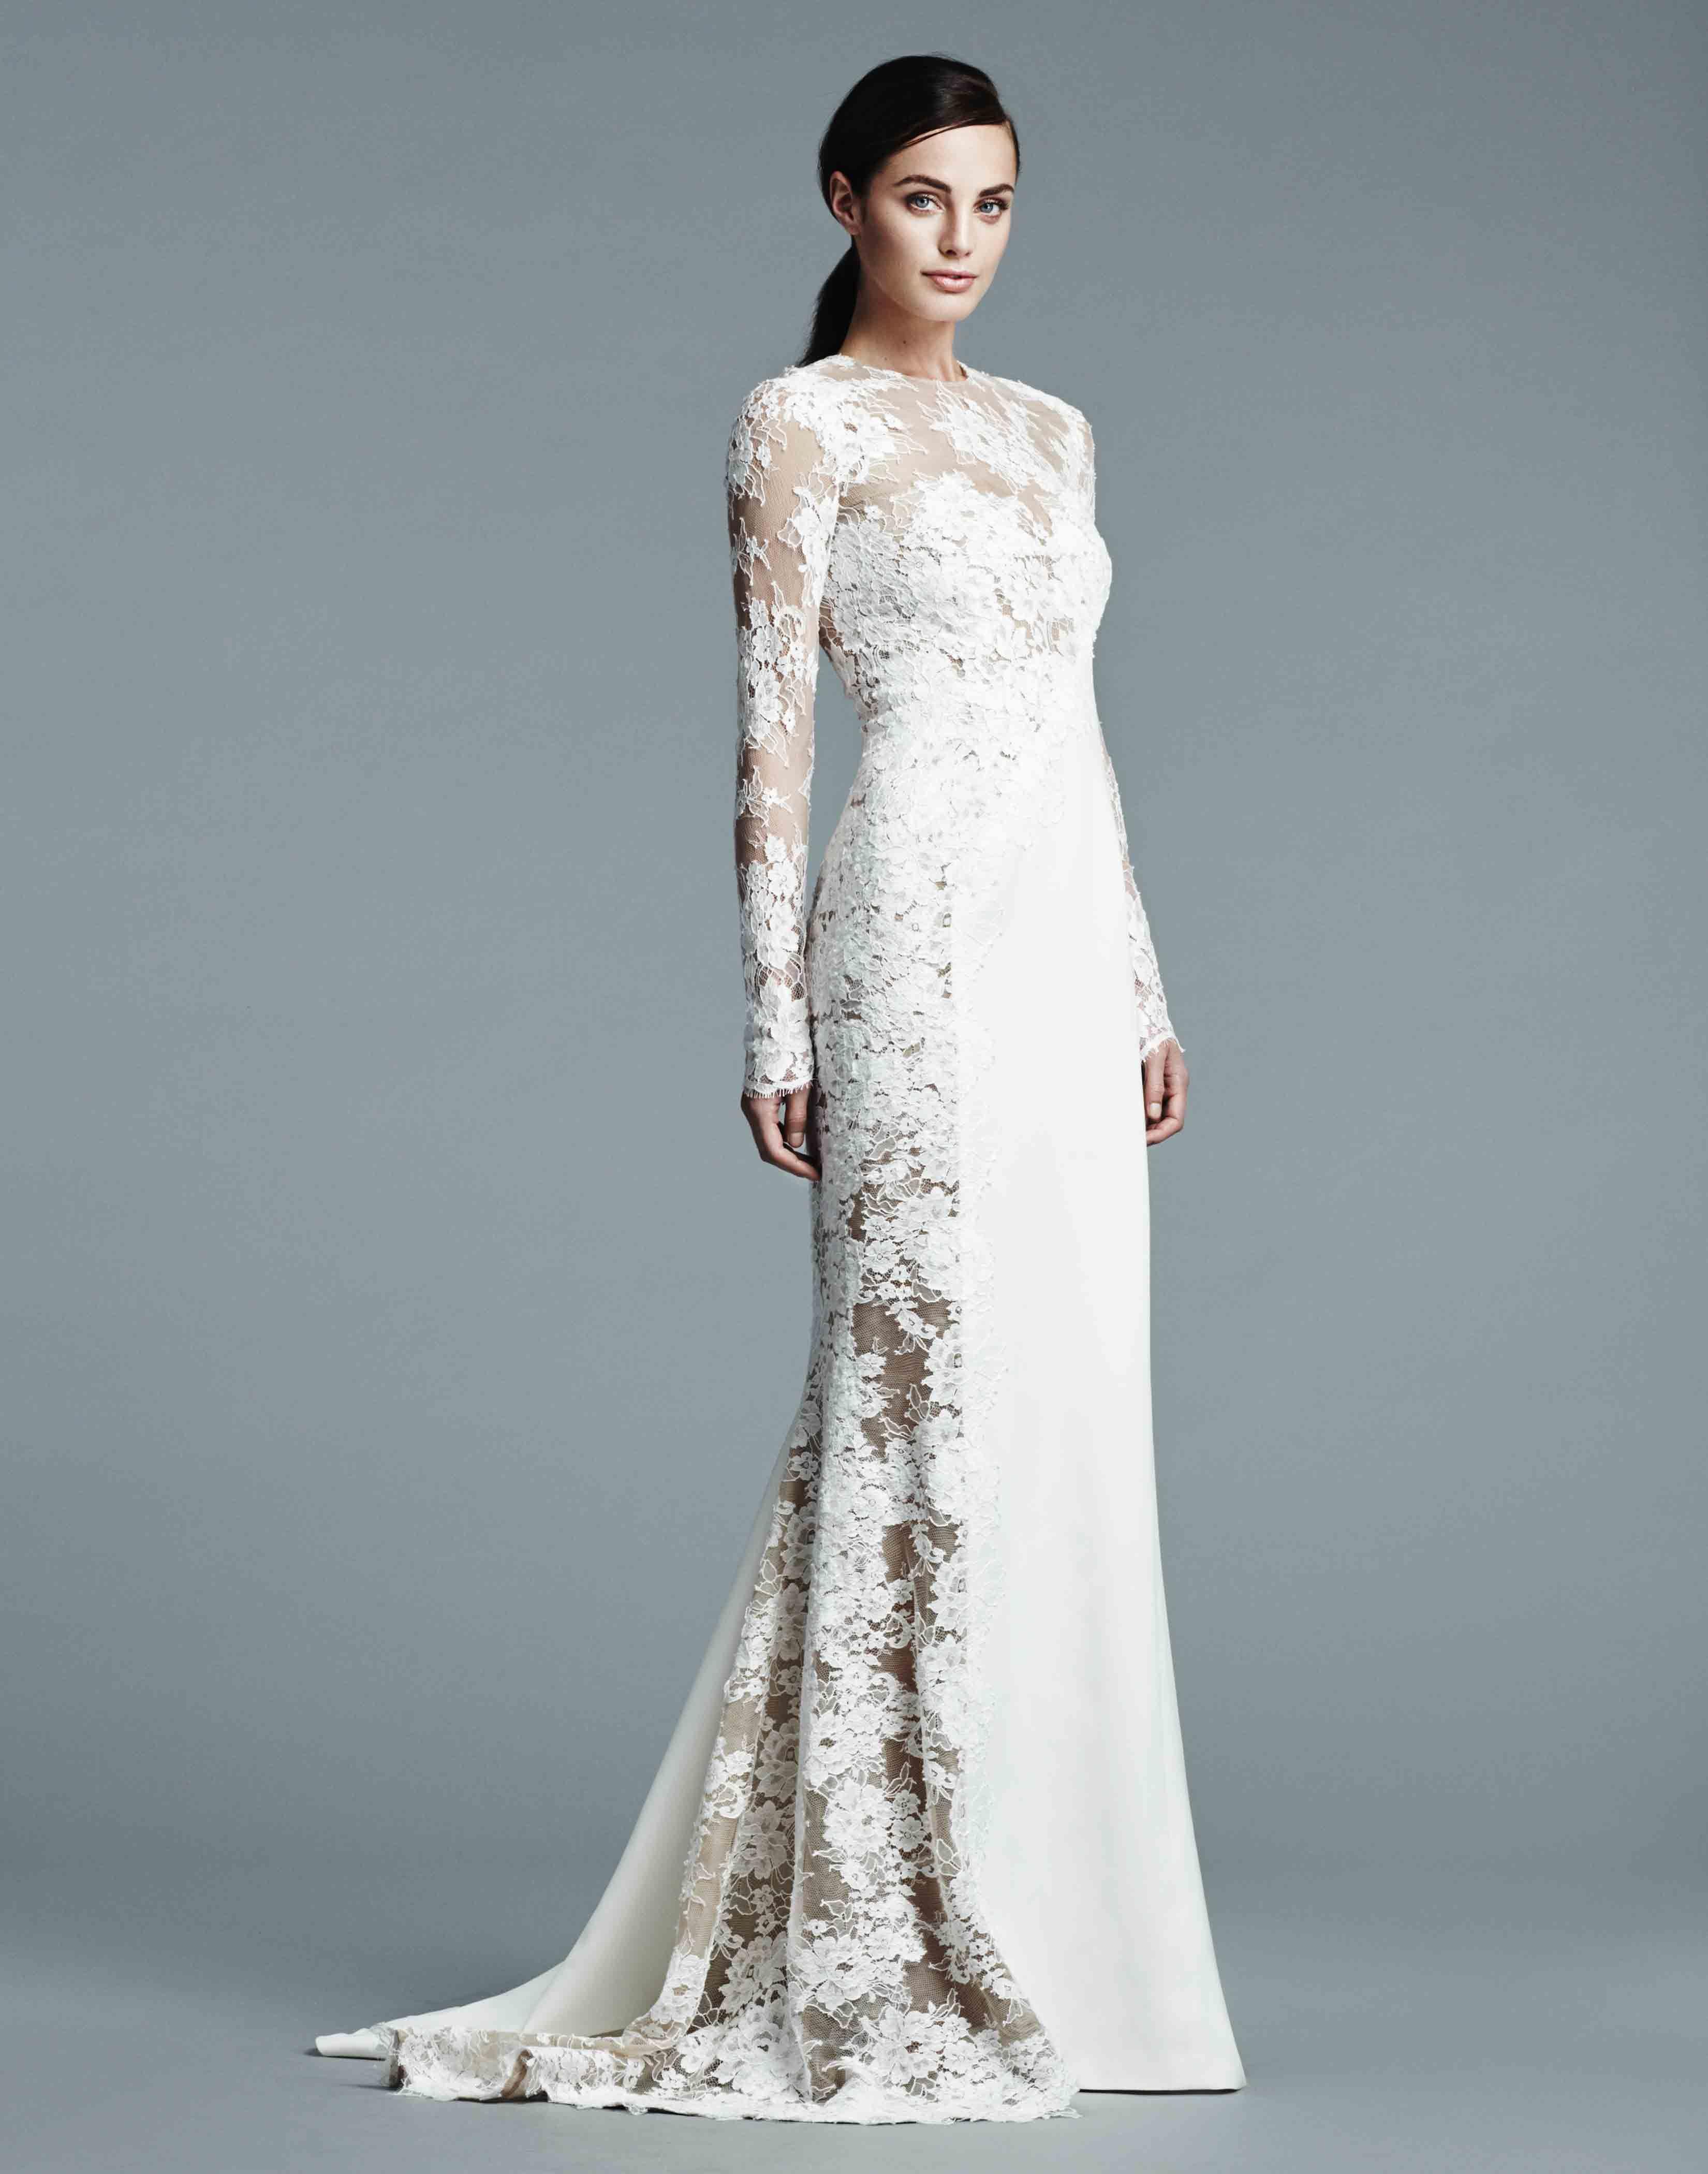 تصميمات فساتين زفاف من جى مندل Designs Wedding dresses from J ...